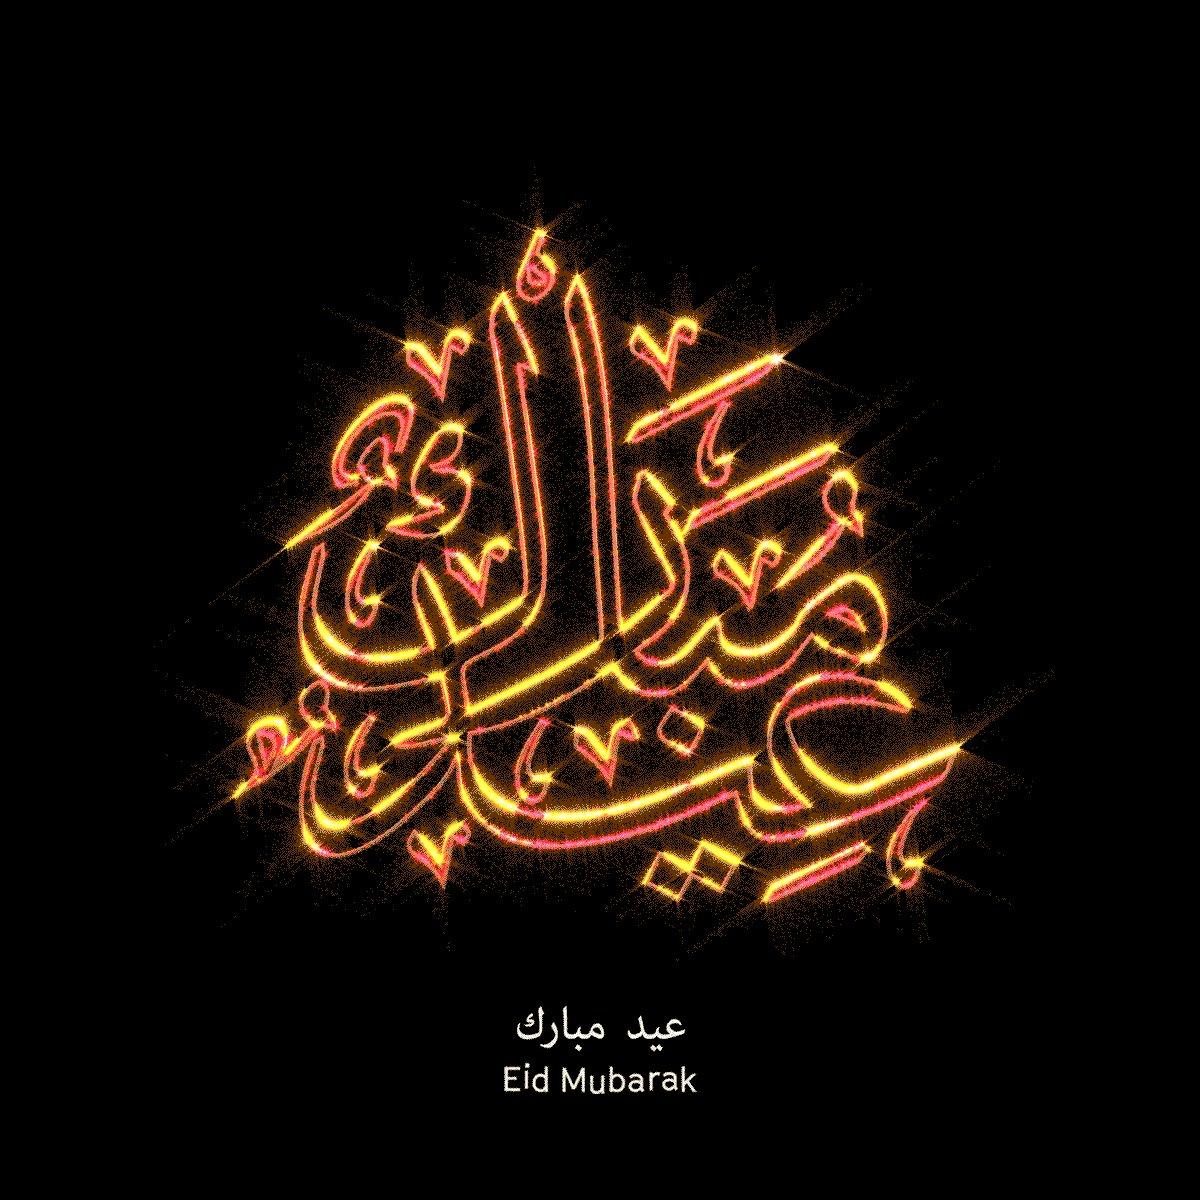 Взять музыкальную, открытки на арабском